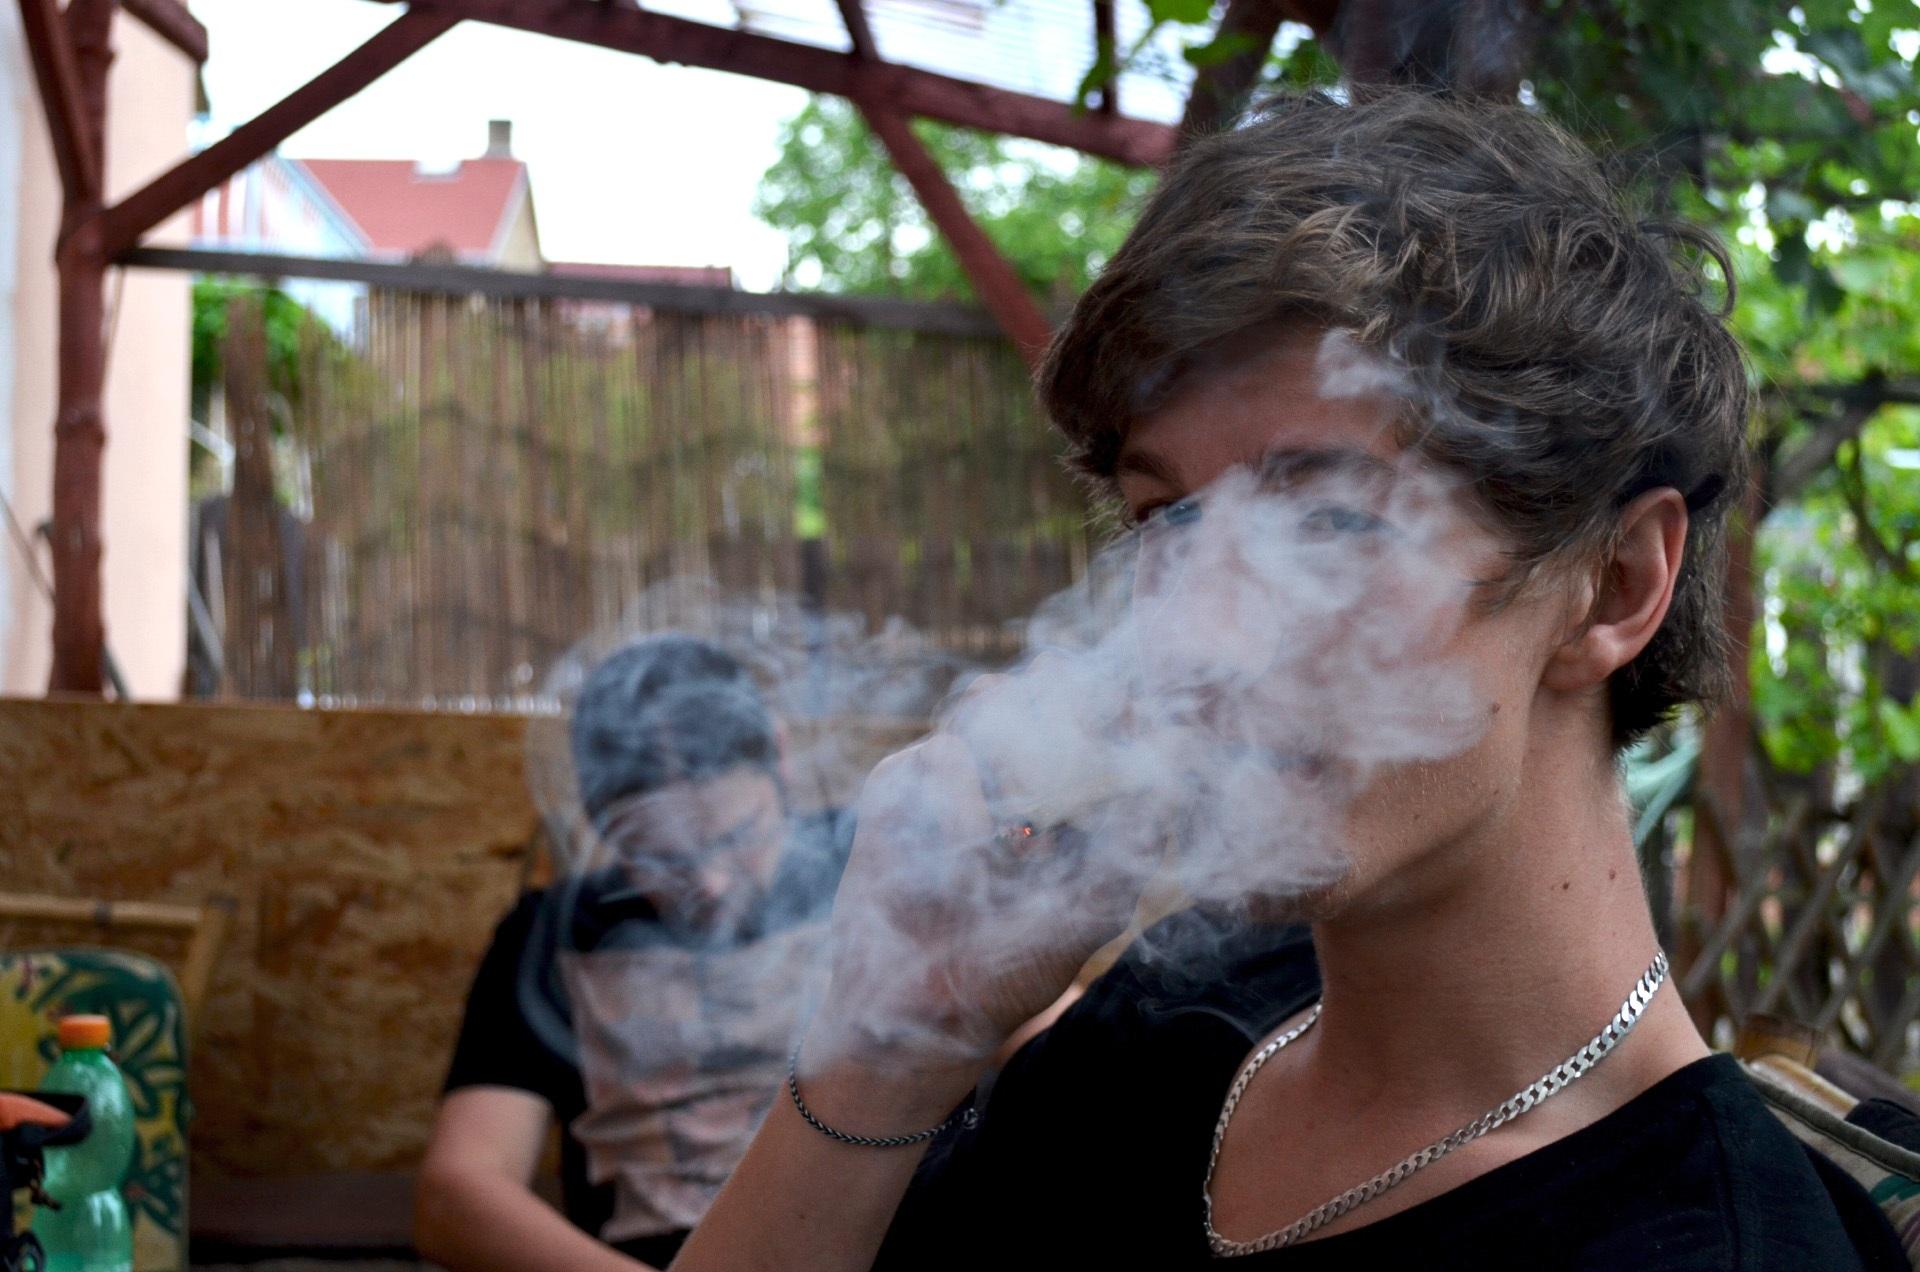 Frühintervention bei jugendlichen Cannabiskonsumenten